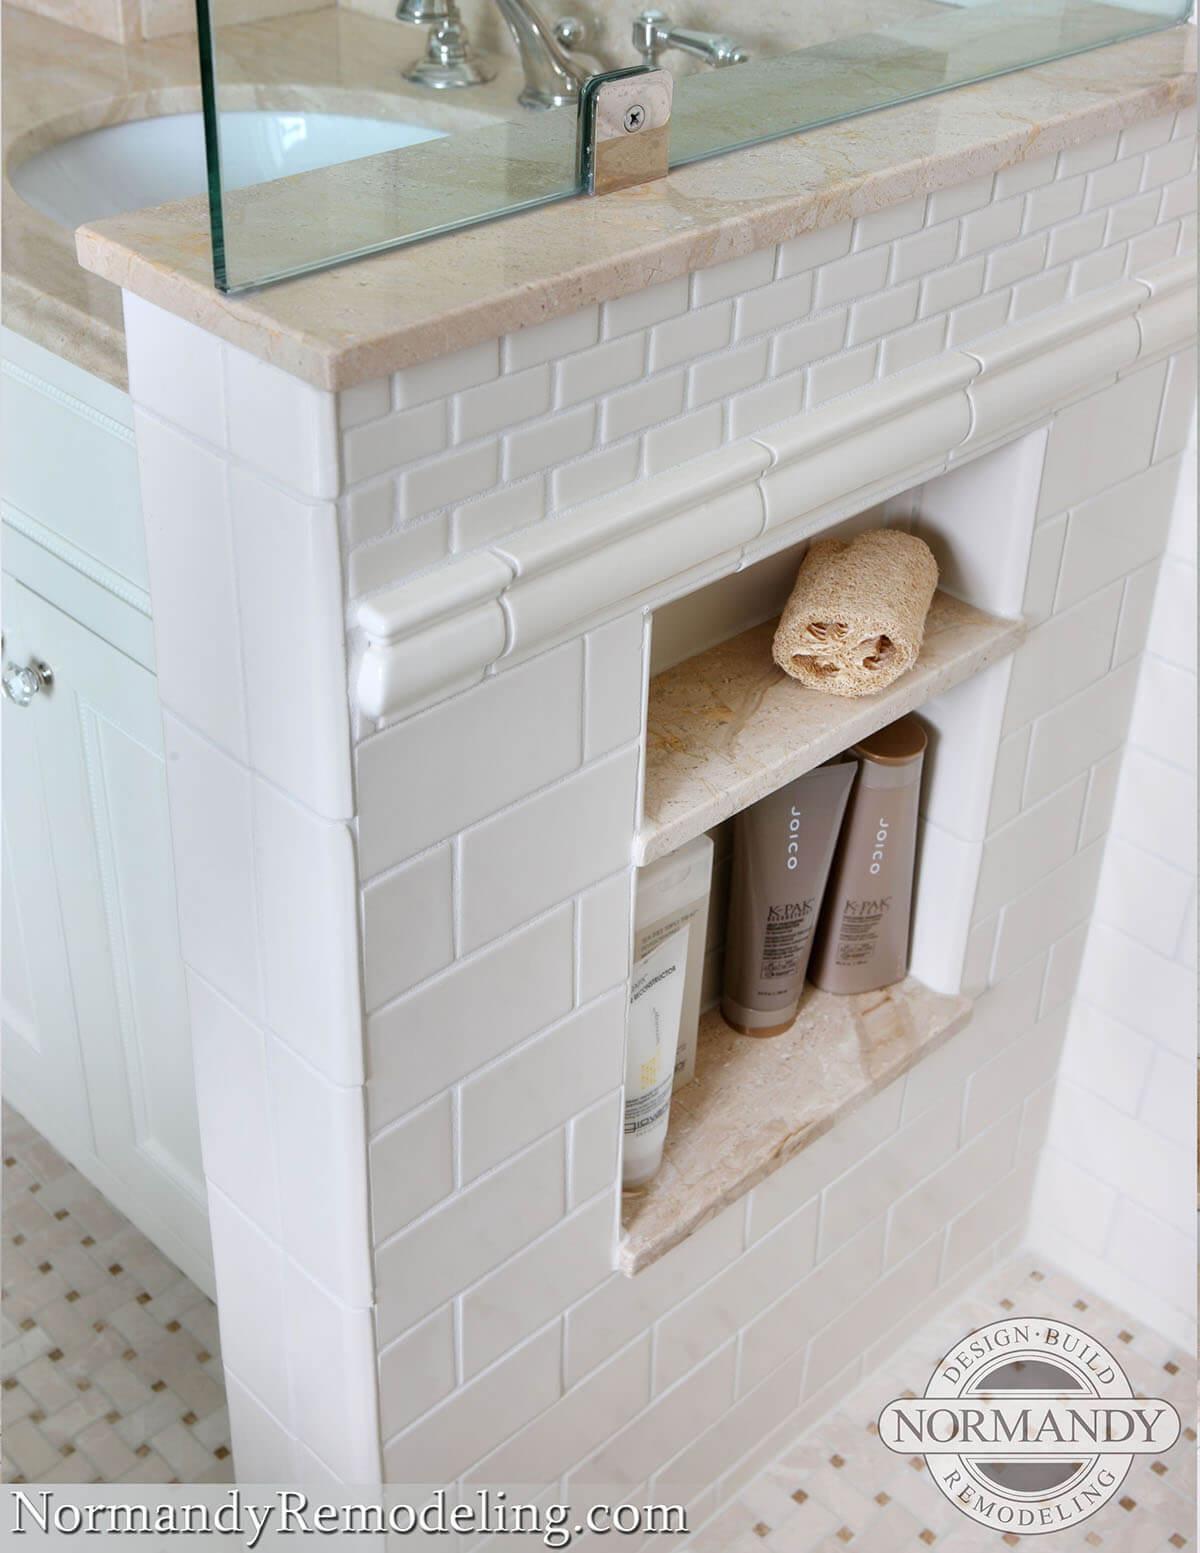 2. Storage for Small Bathroom by simphome.com